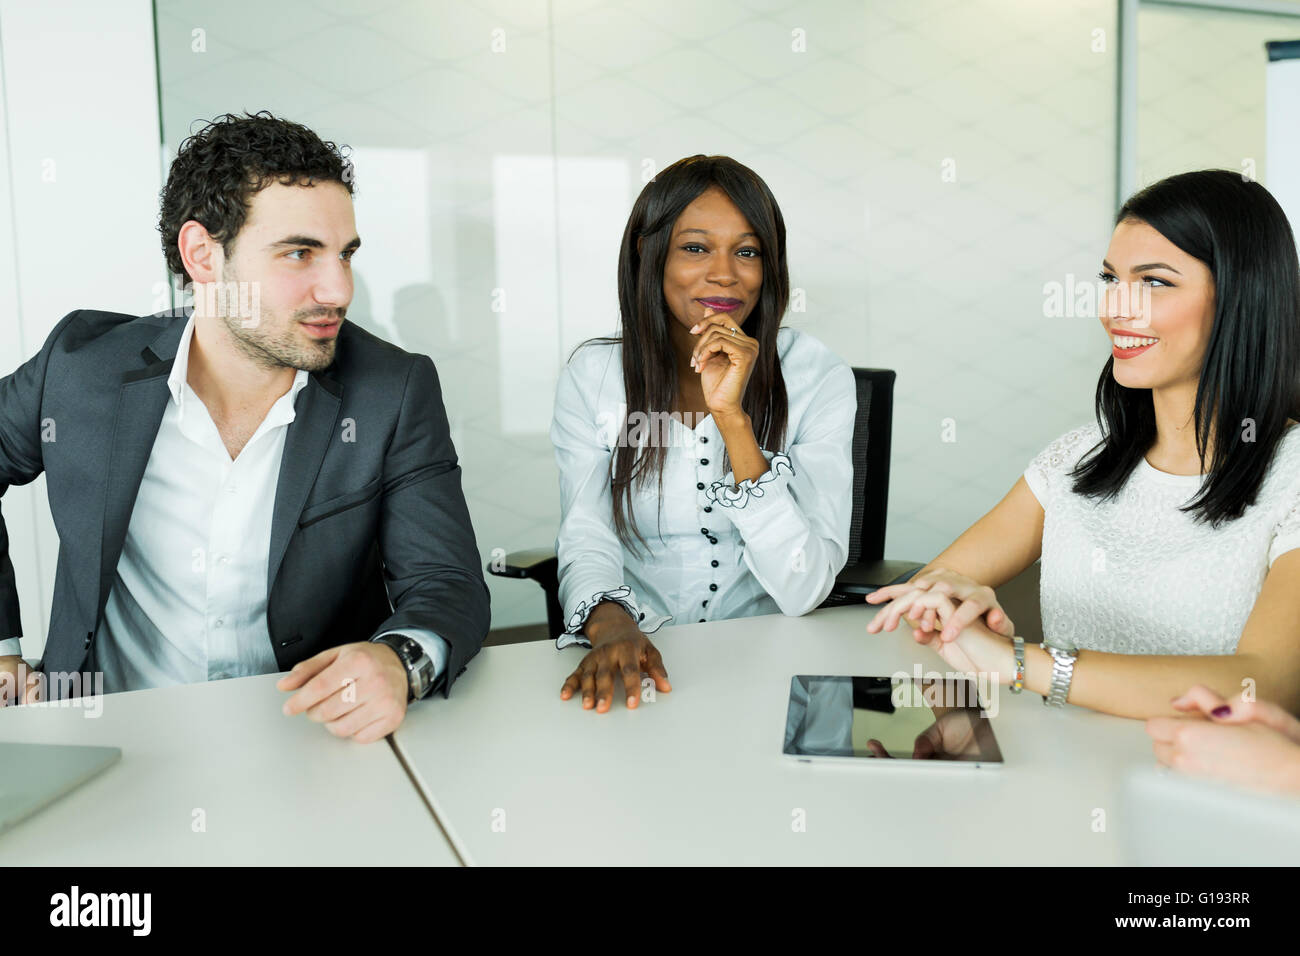 Parlare di Business seduti a un tavolo e discutere i risultati Immagini Stock